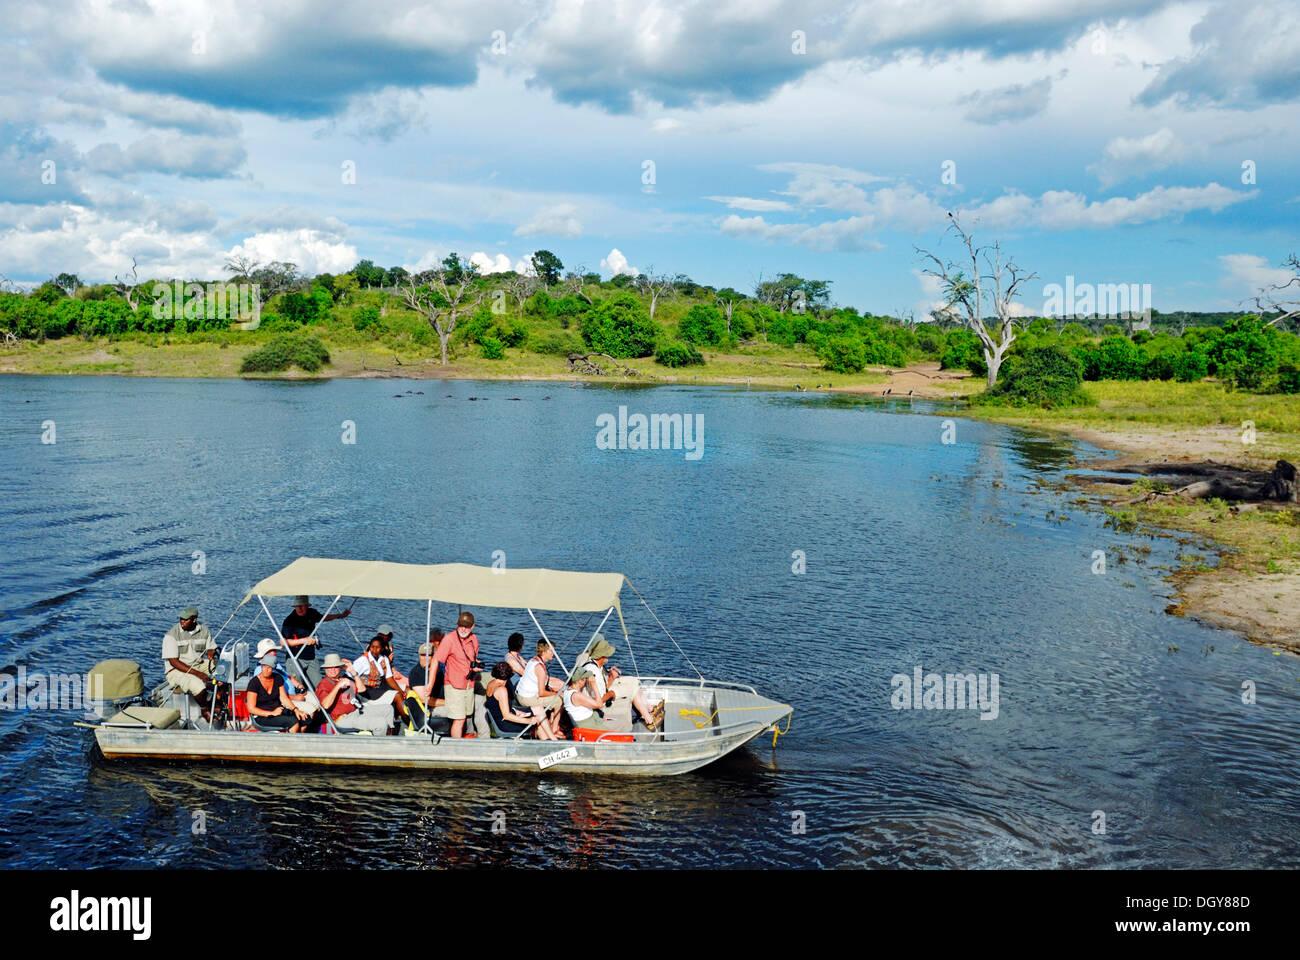 Safari sur la rivière Chobe, excursion en bateau avec des touristes dans le Parc National de Chobe près de Kasane, Botswana, Africa Photo Stock